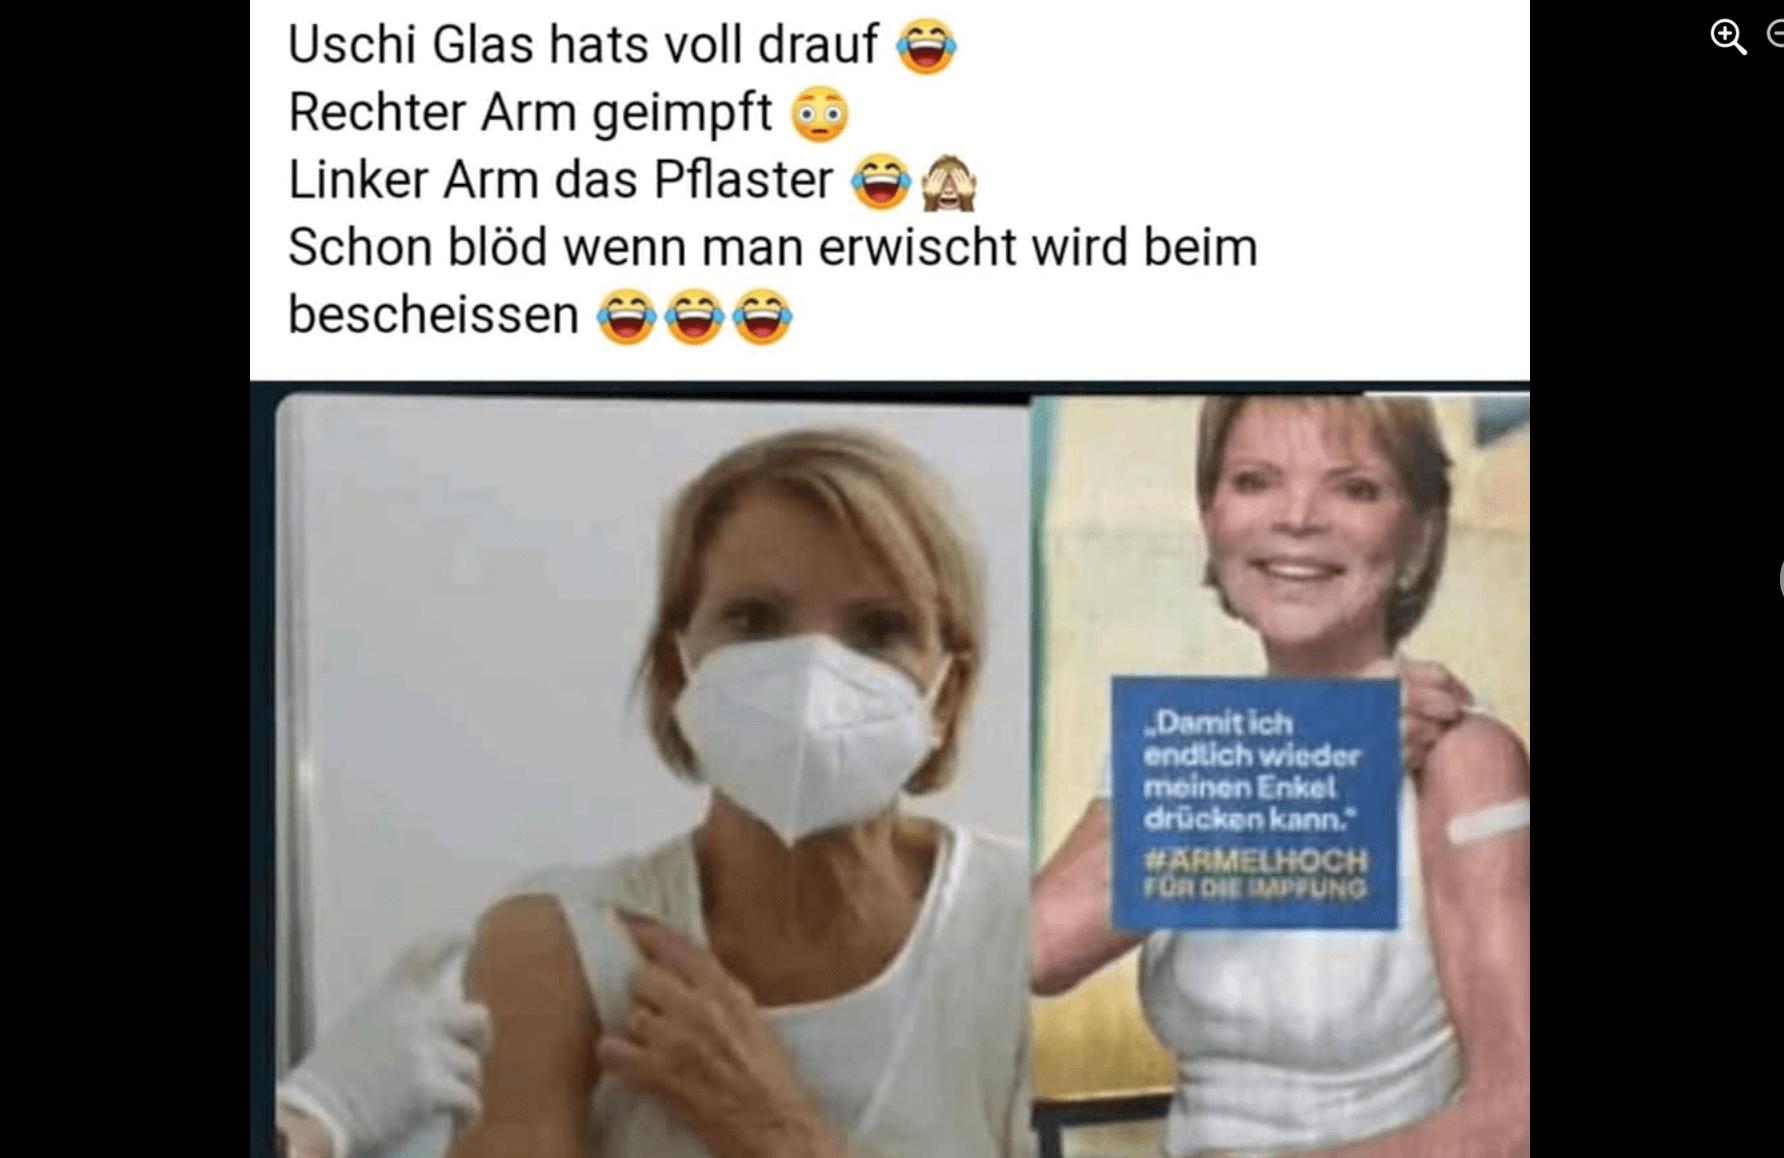 Einer der Facebook-Beiträge, der Uschi Glas eine Fake-Impfung unterstellt (Quelle: Facebook / Screenshot: CORRECTIV.Faktencheck)